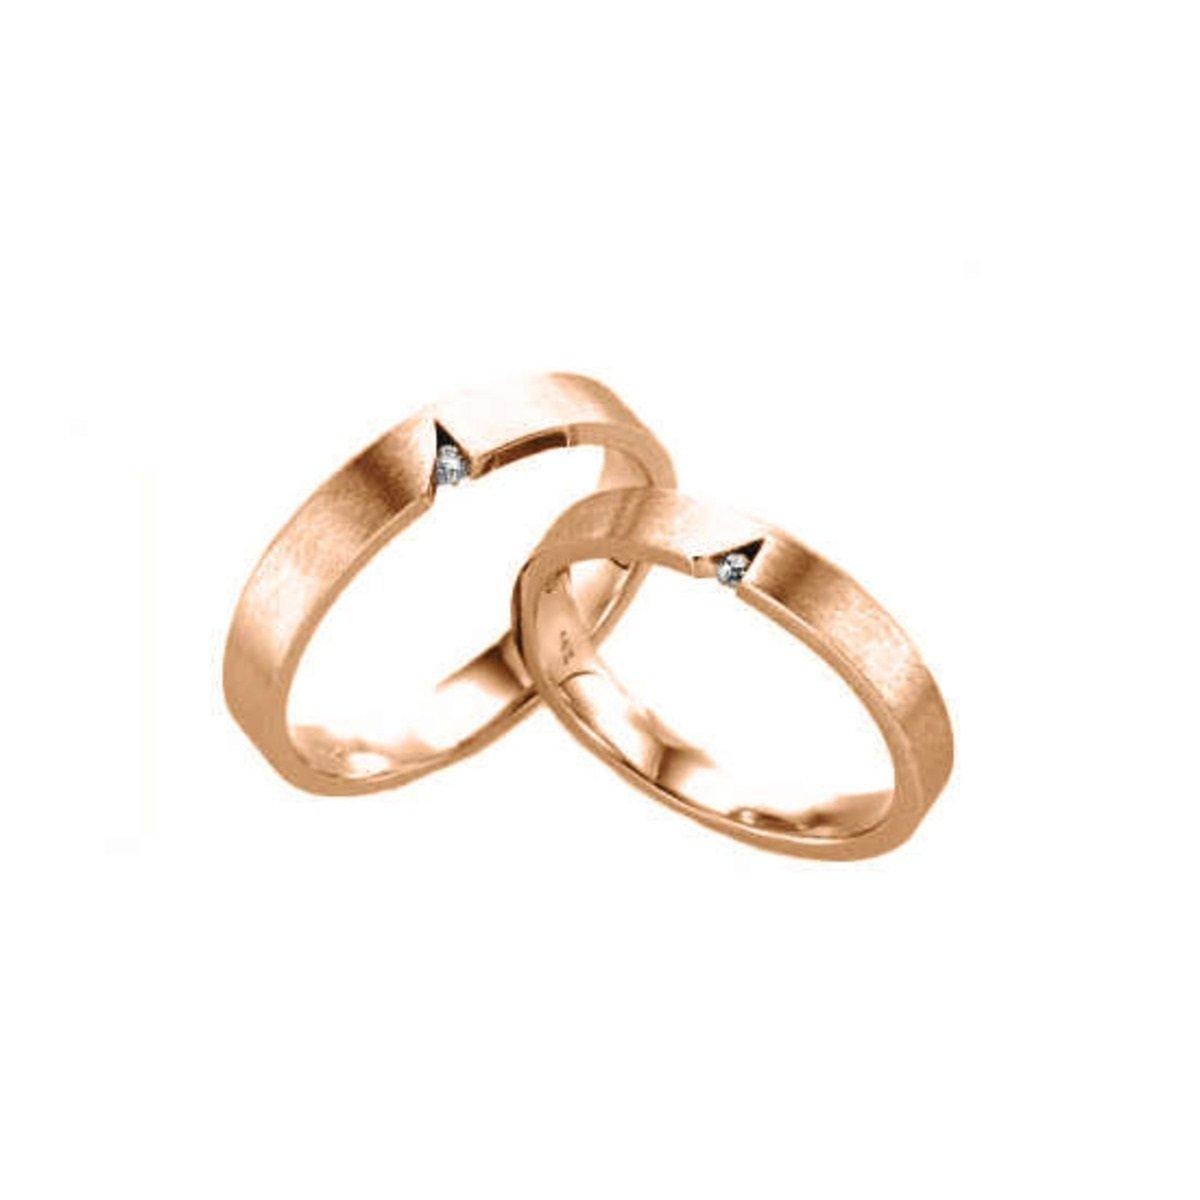 14K 簡約切割鑲石情侶戒指 (女款)